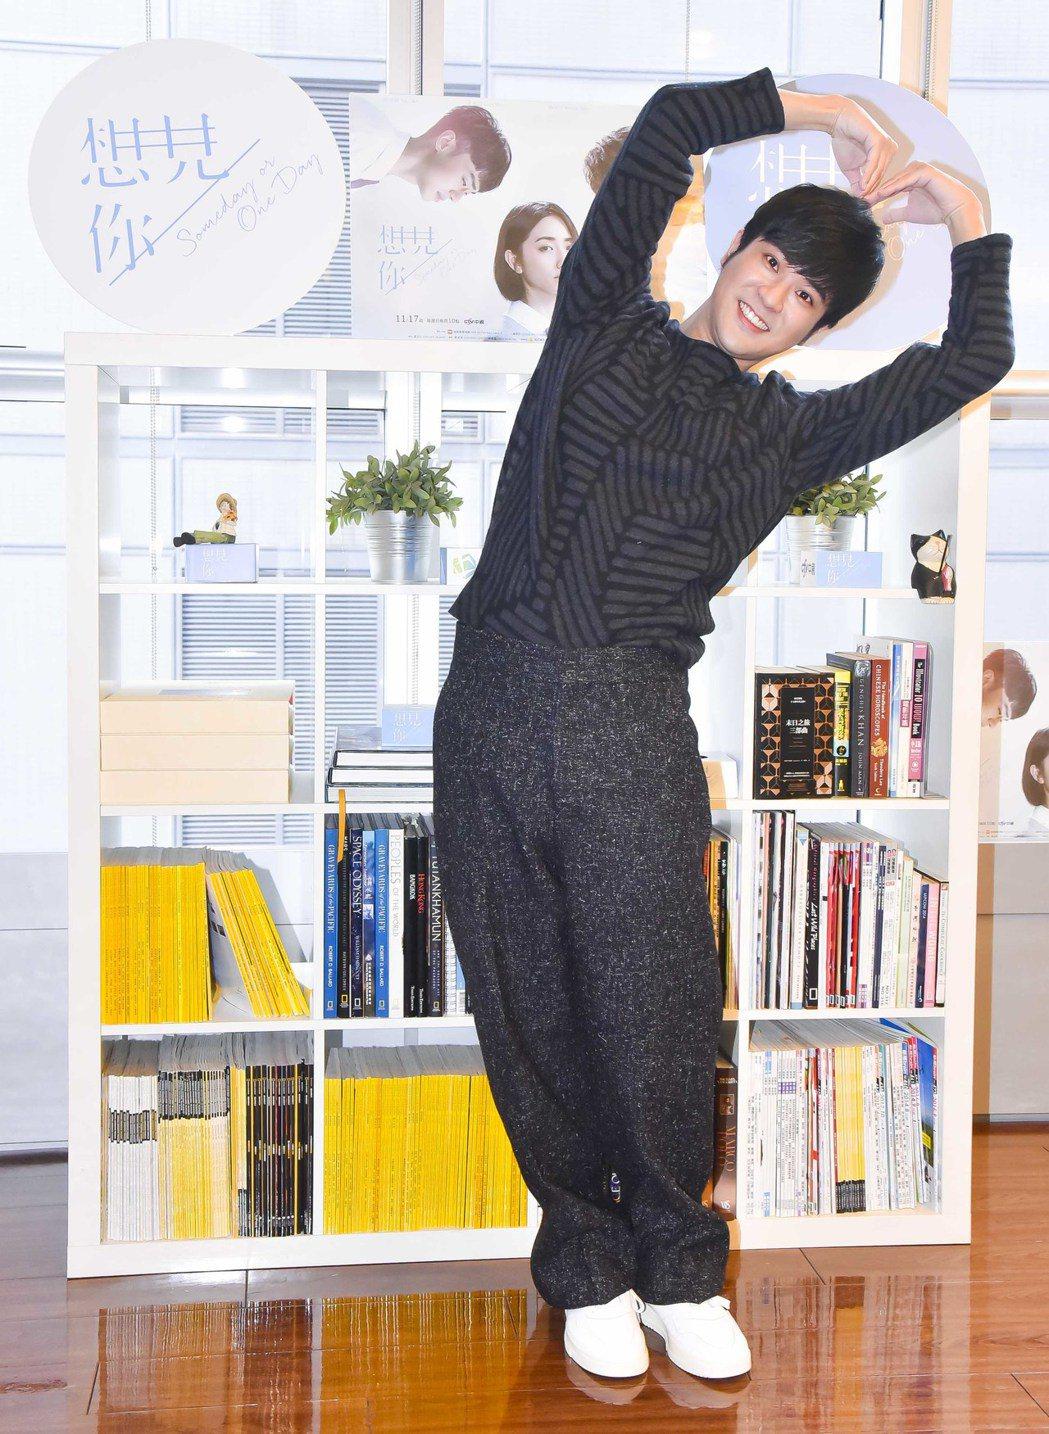 顏毓麟因演出「想見你」粉絲數暴增。圖/衛視中文台提供